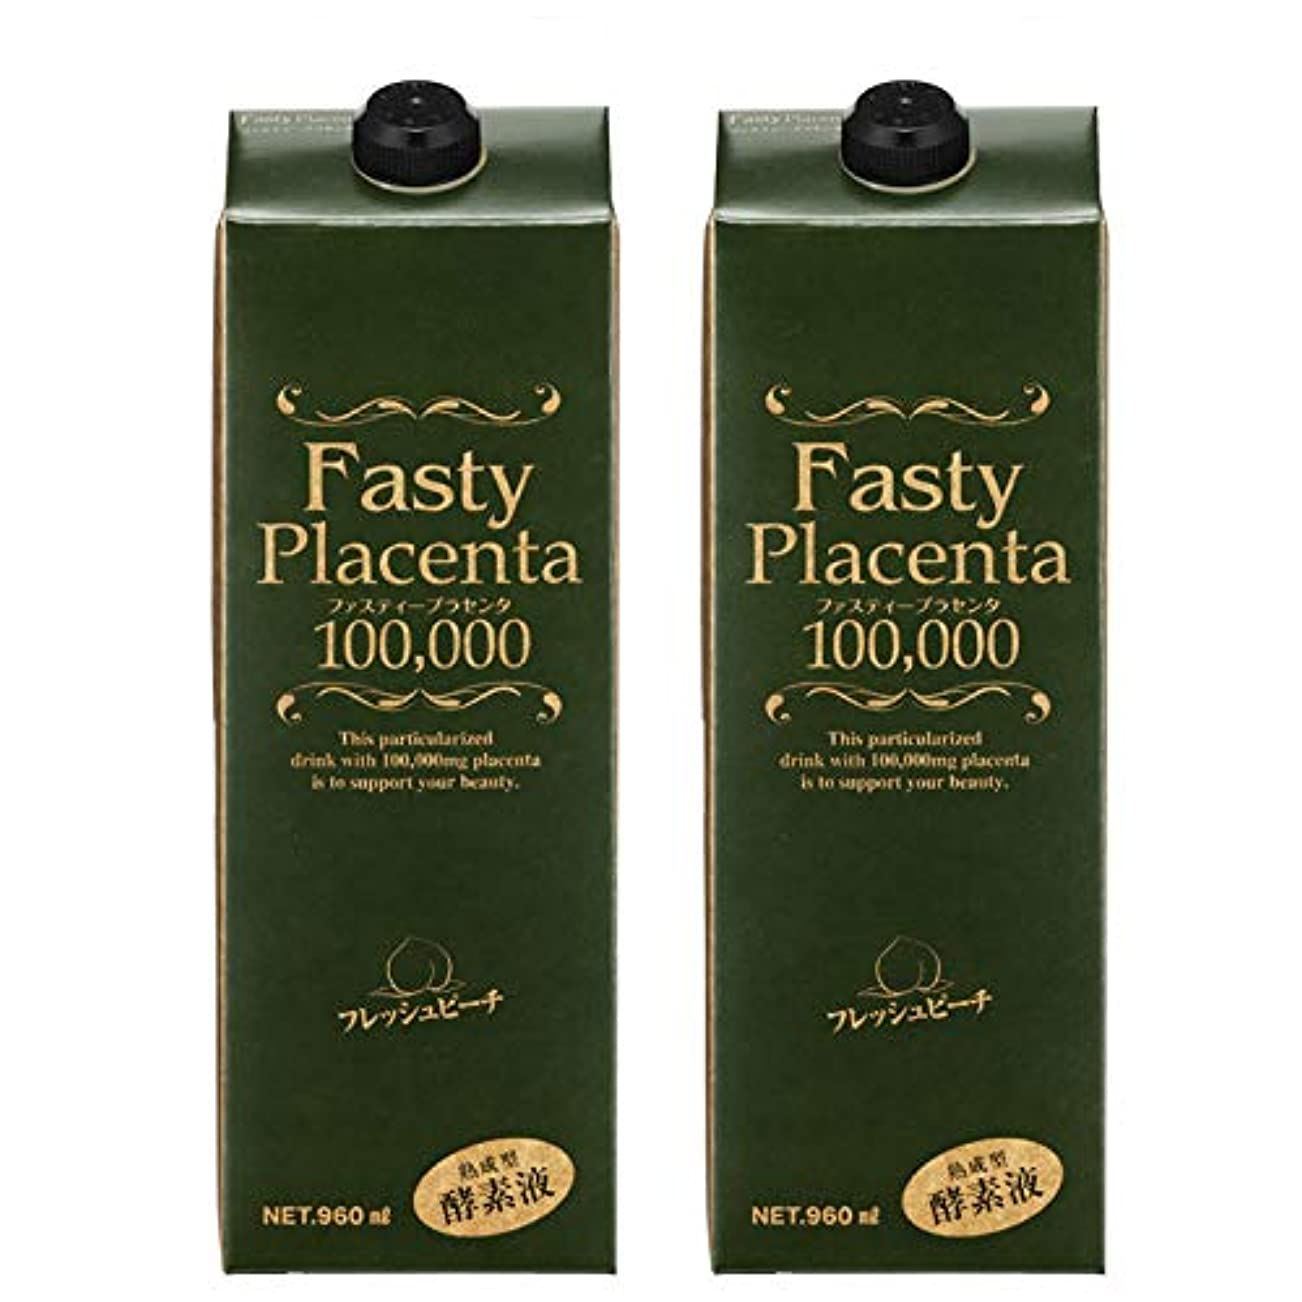 壊れた人気皮ファスティープラセンタ100,000 増量パック(フレッシュピーチ味) 2本